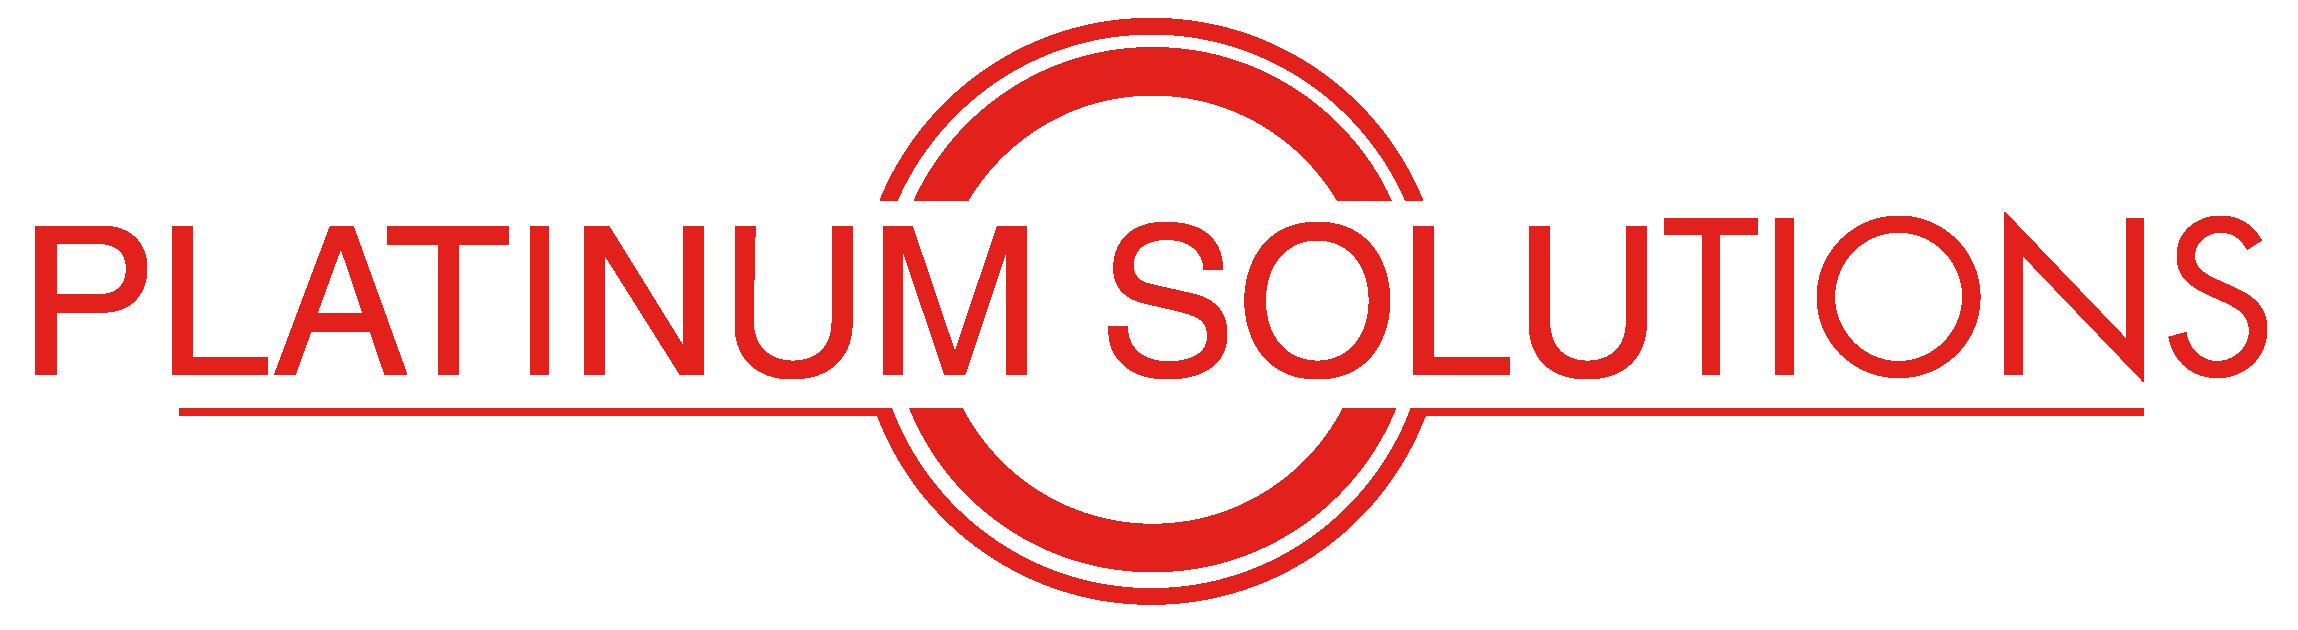 Platinum Solutions